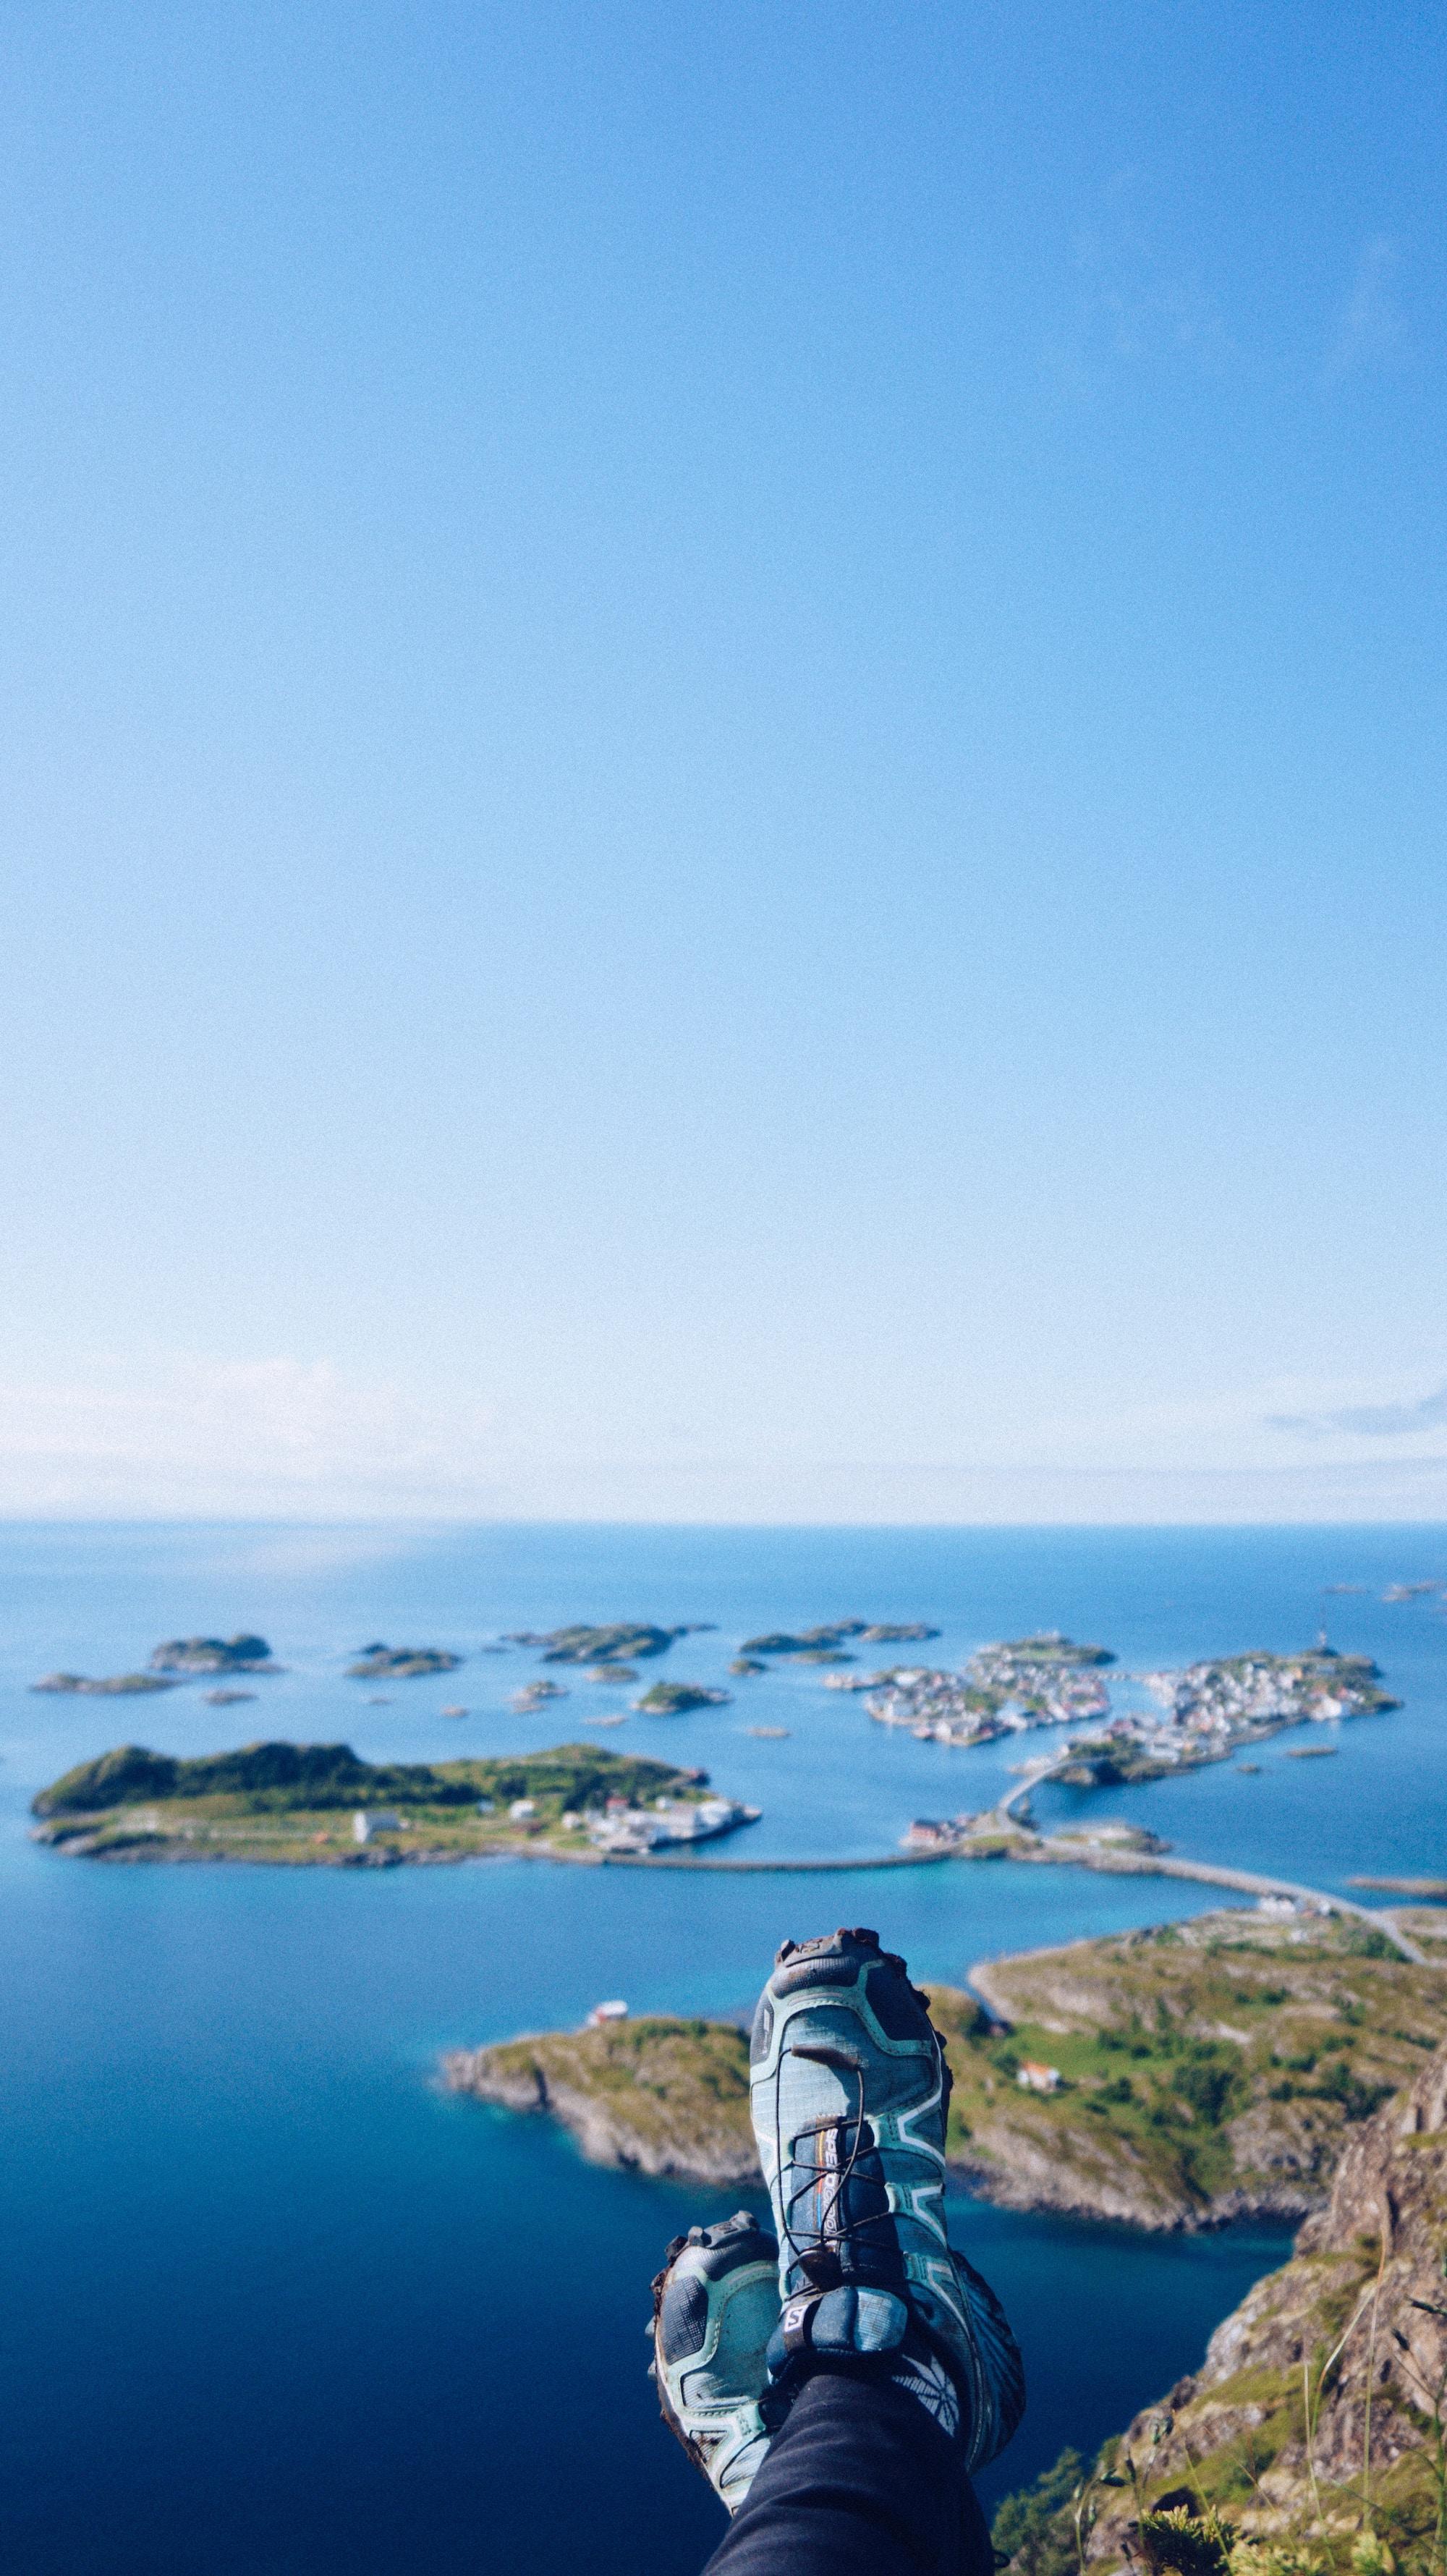 Norway-fjords-cruising-1.jpg